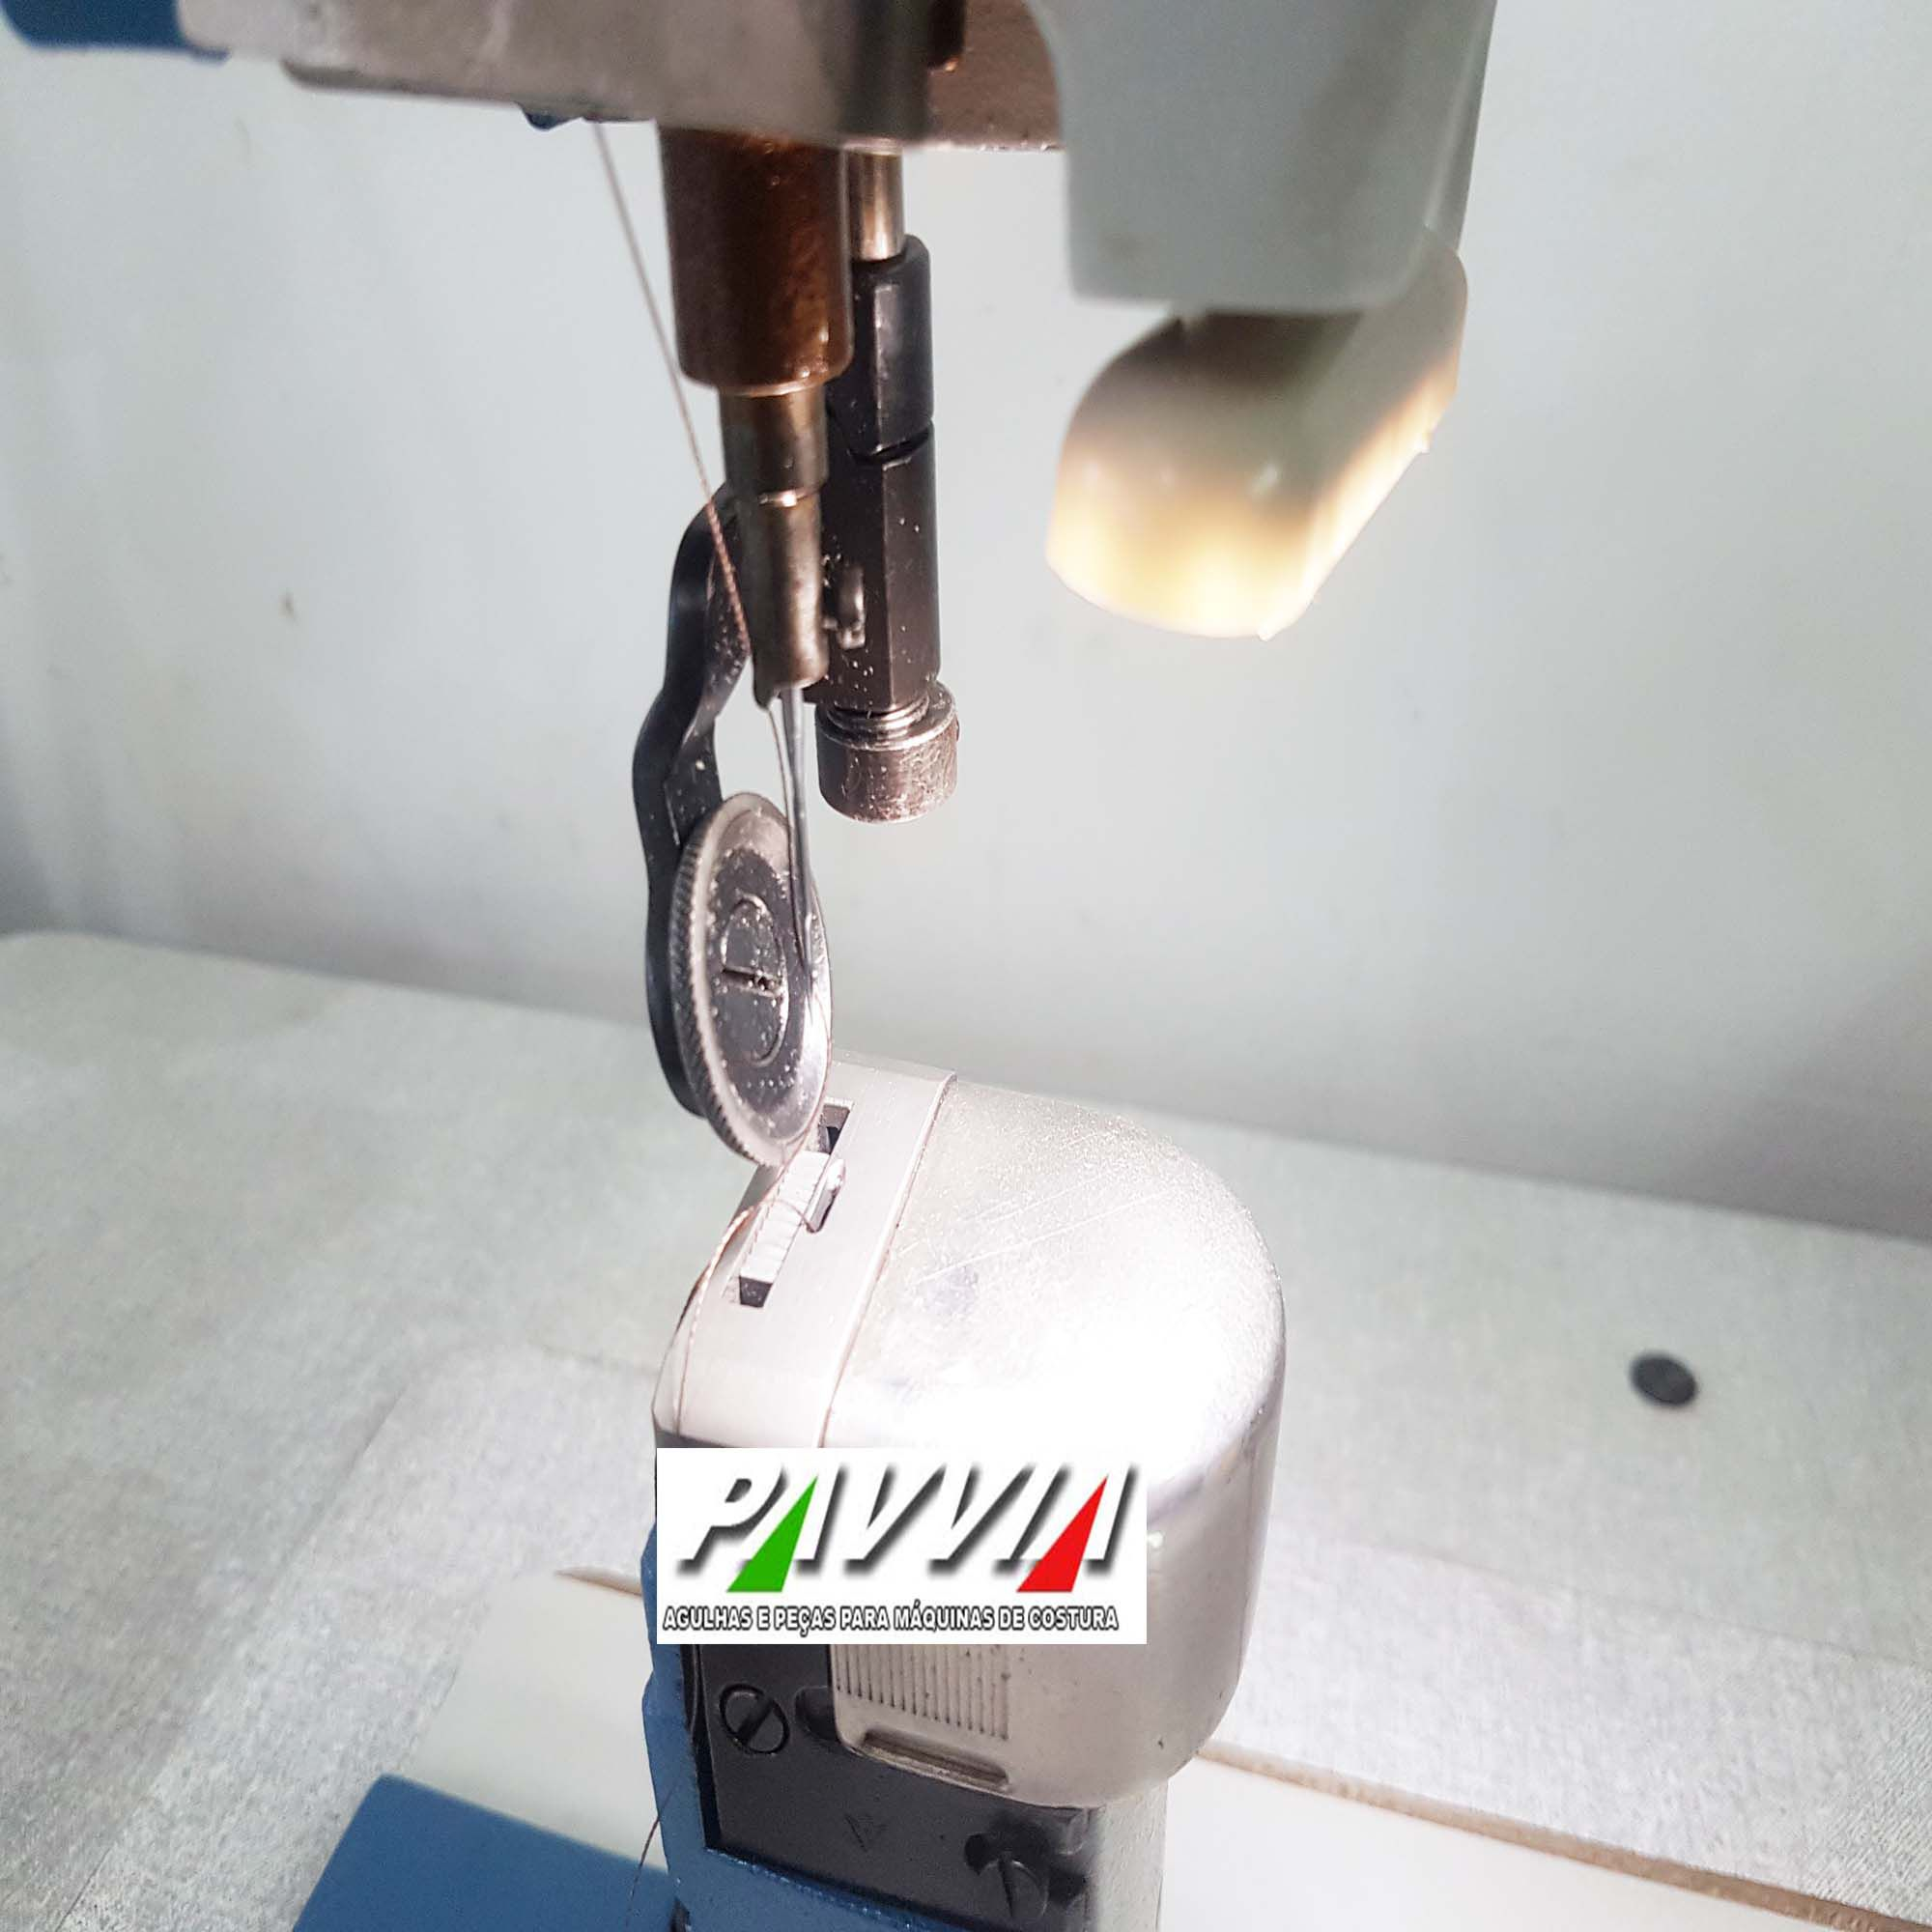 Máquina de coluna Ivomaq CI 3000 - 1I transporte simples 1 agulha   - Pavvia Agulhas e Peças